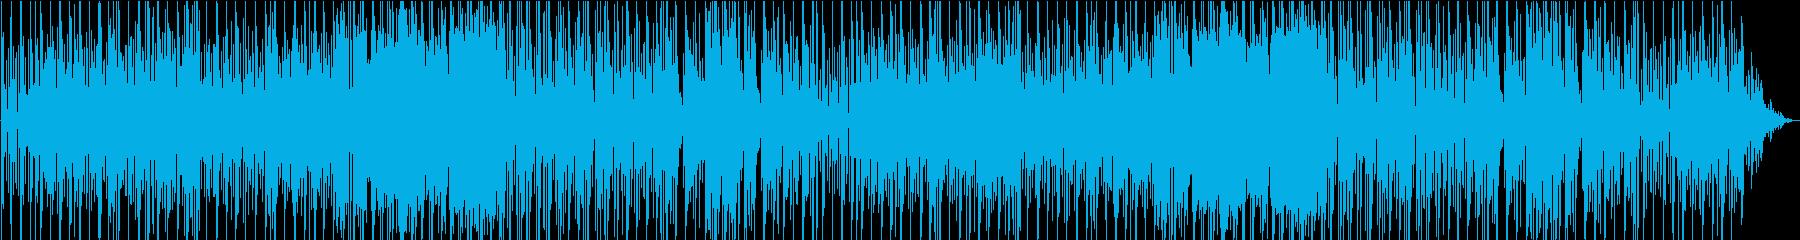 軽快なリズムの明るい和風曲の再生済みの波形